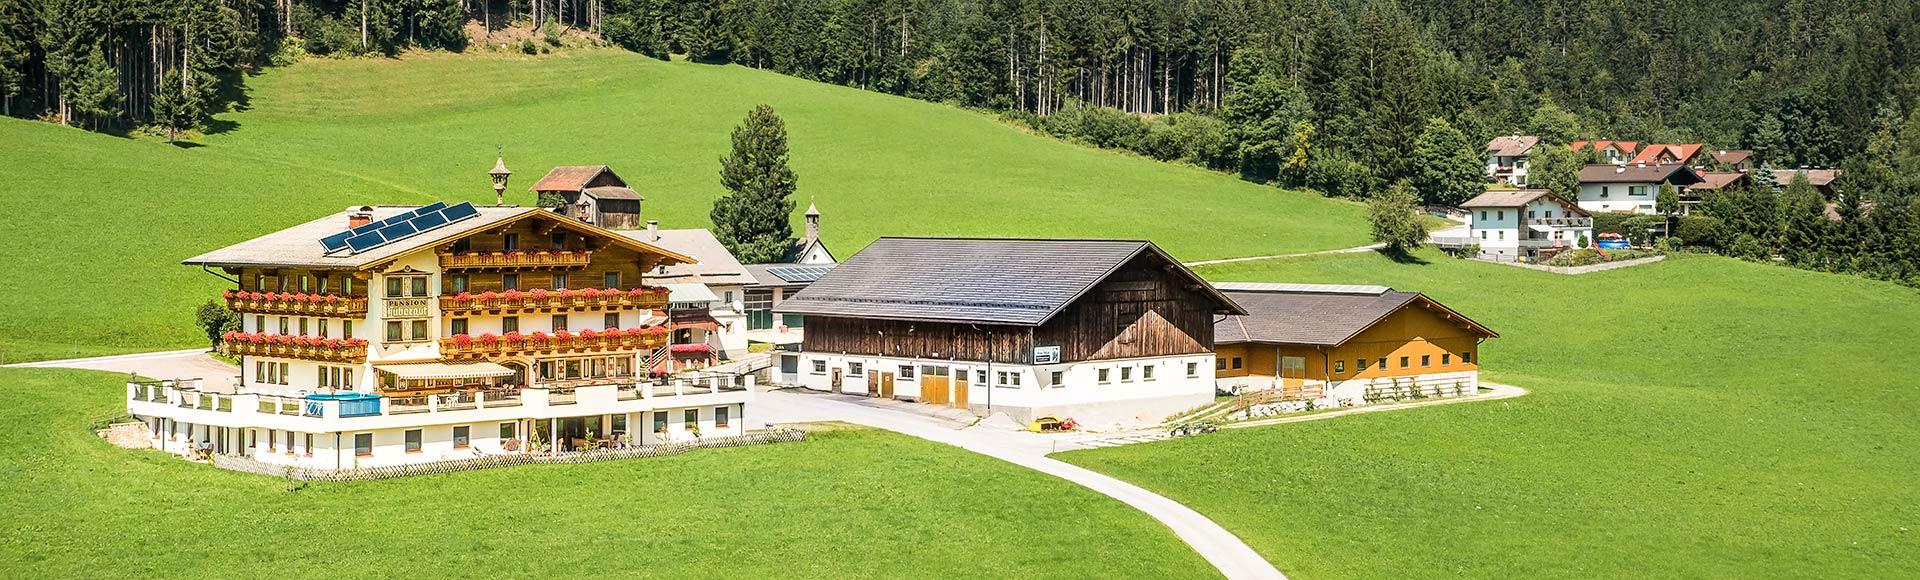 Urlaub am Bauernhof in Radstadt, Salzburger Land - Hubergut